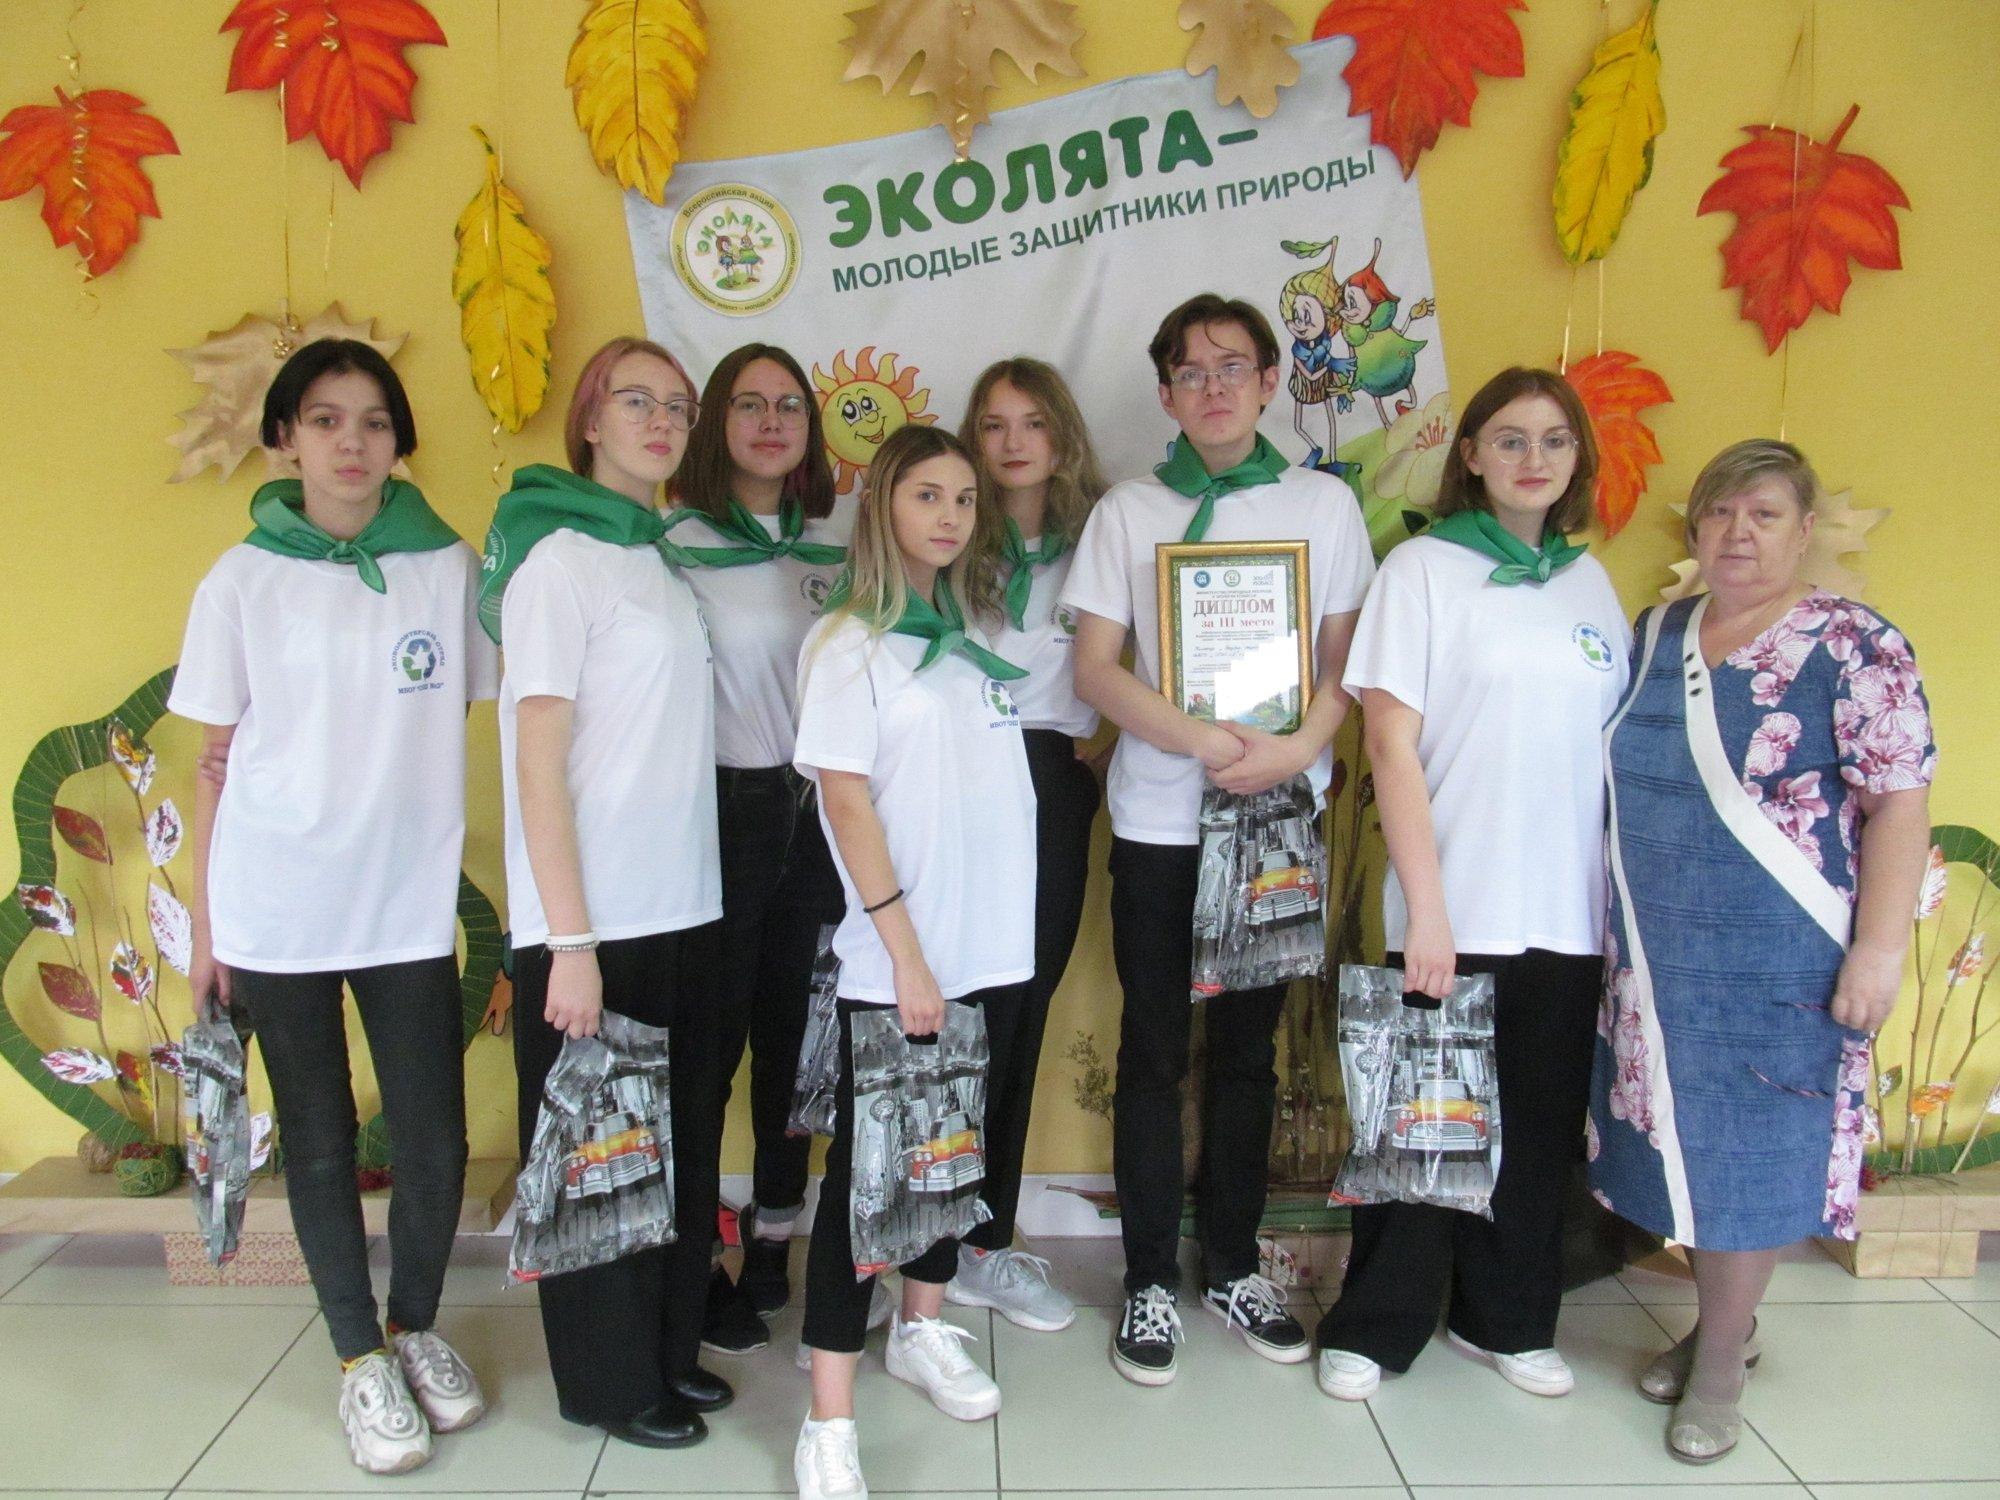 Ежегодный Всероссийский праздник «Эколят - молодых защитников природы»